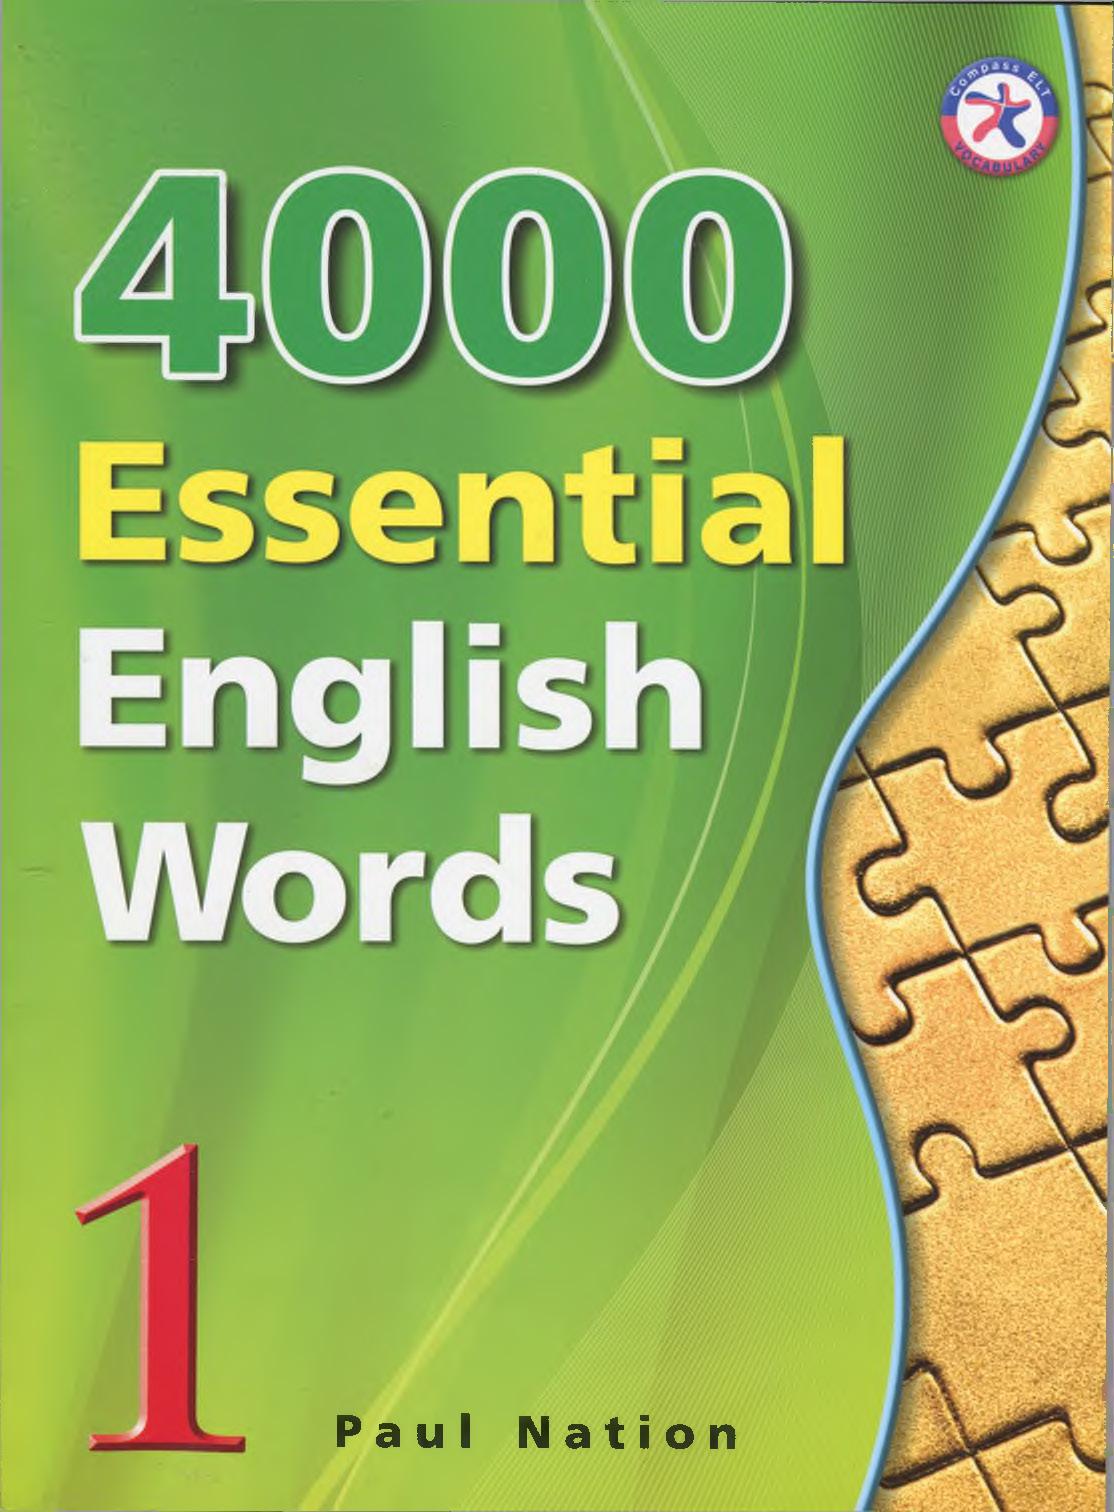 مجموعة كتب أهم الكلمات الأساسية في اللغة الإنجليزية